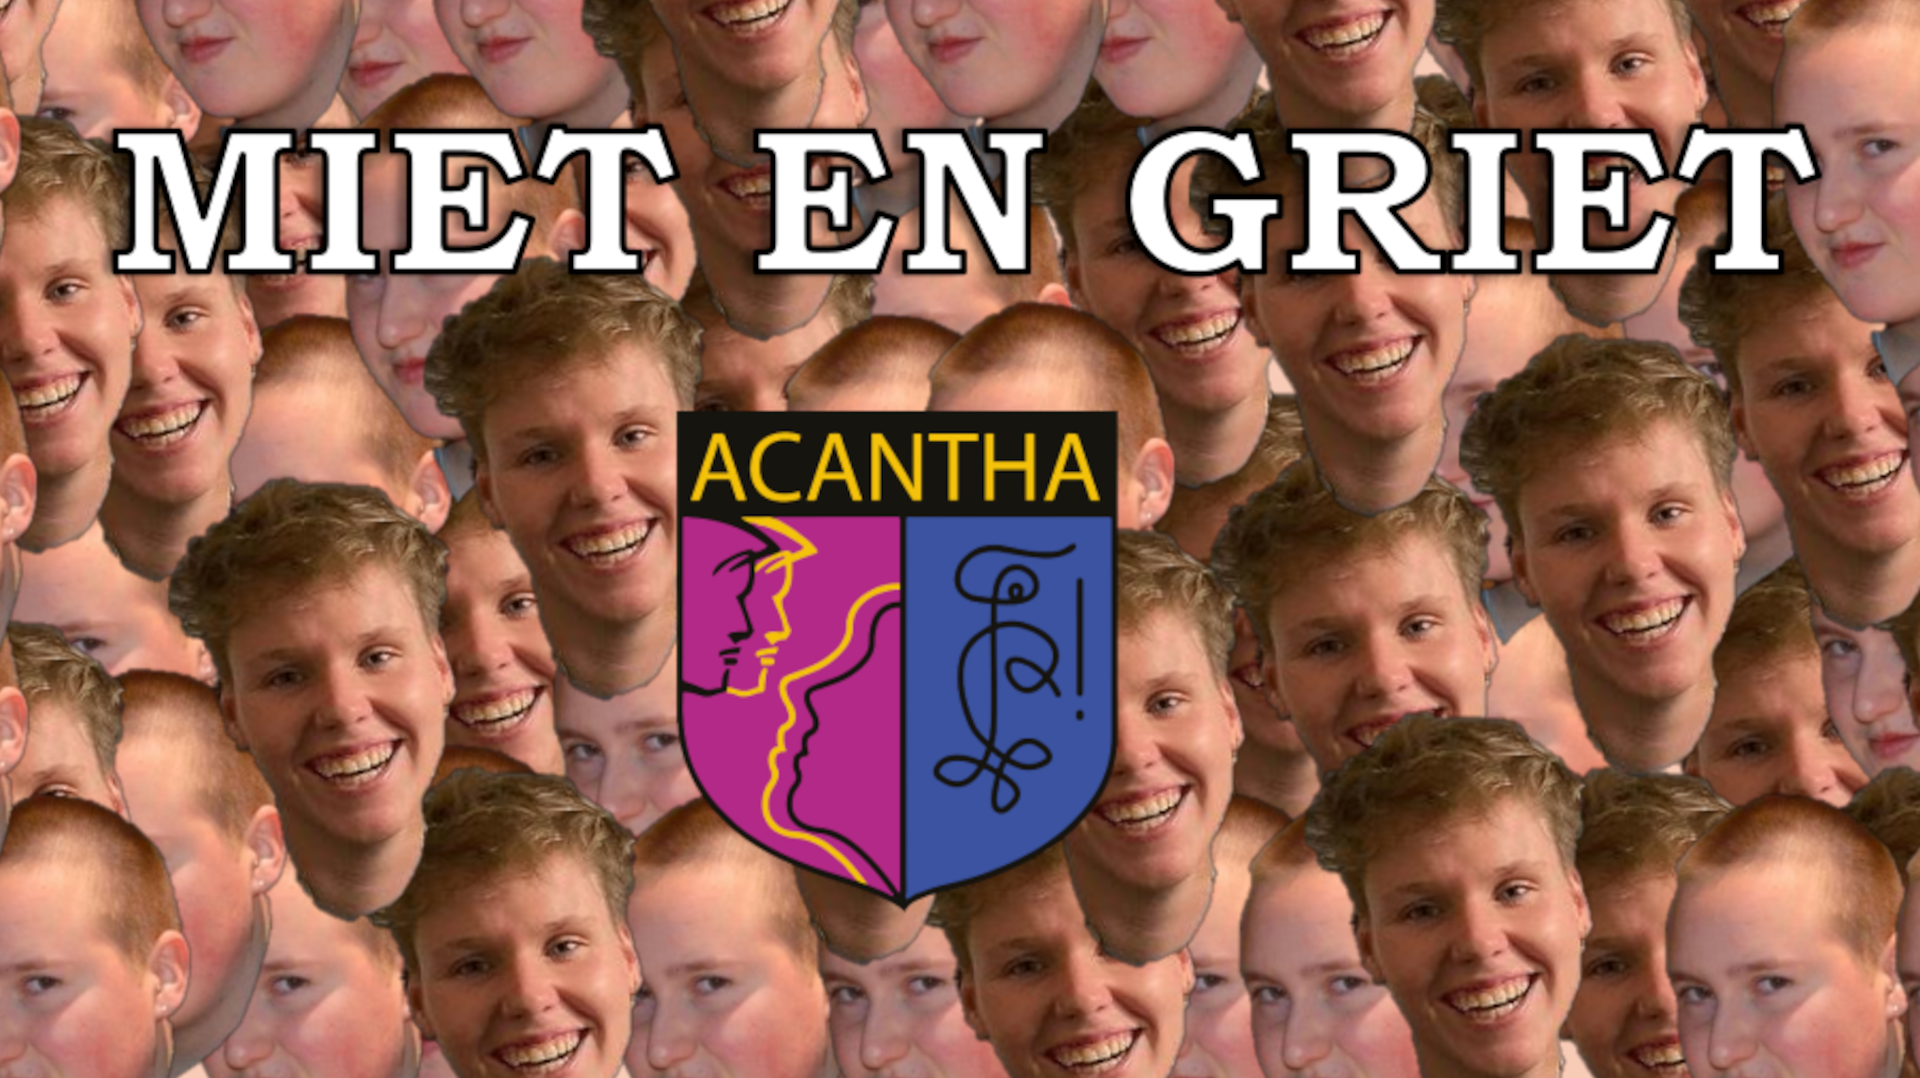 Miet & Griet Acantha jaar 18